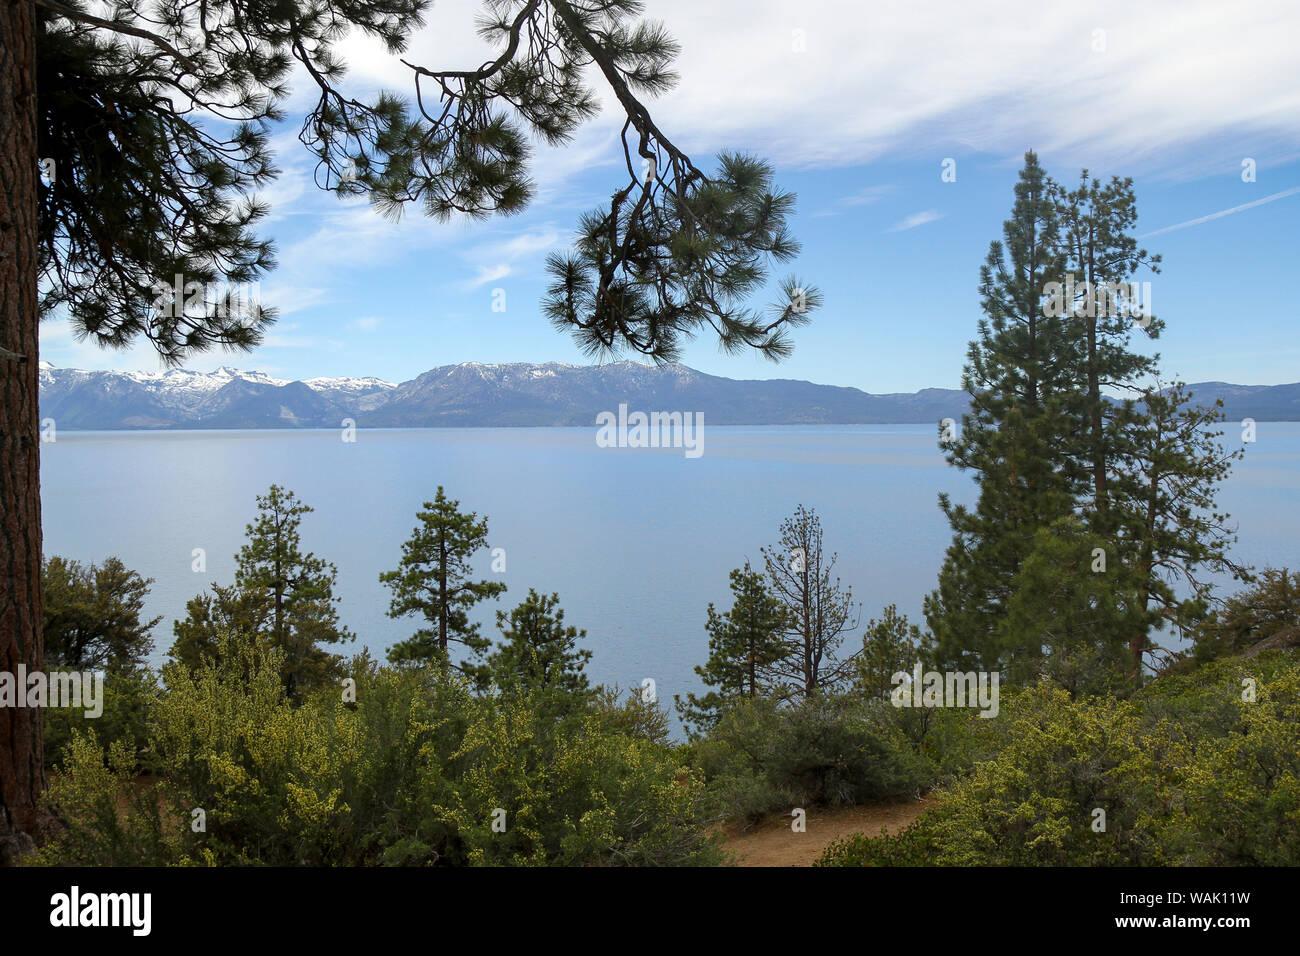 Logan Shoals Vista, Zephyr Cove, Lake Tahoe, Nevada, USA Banque D'Images